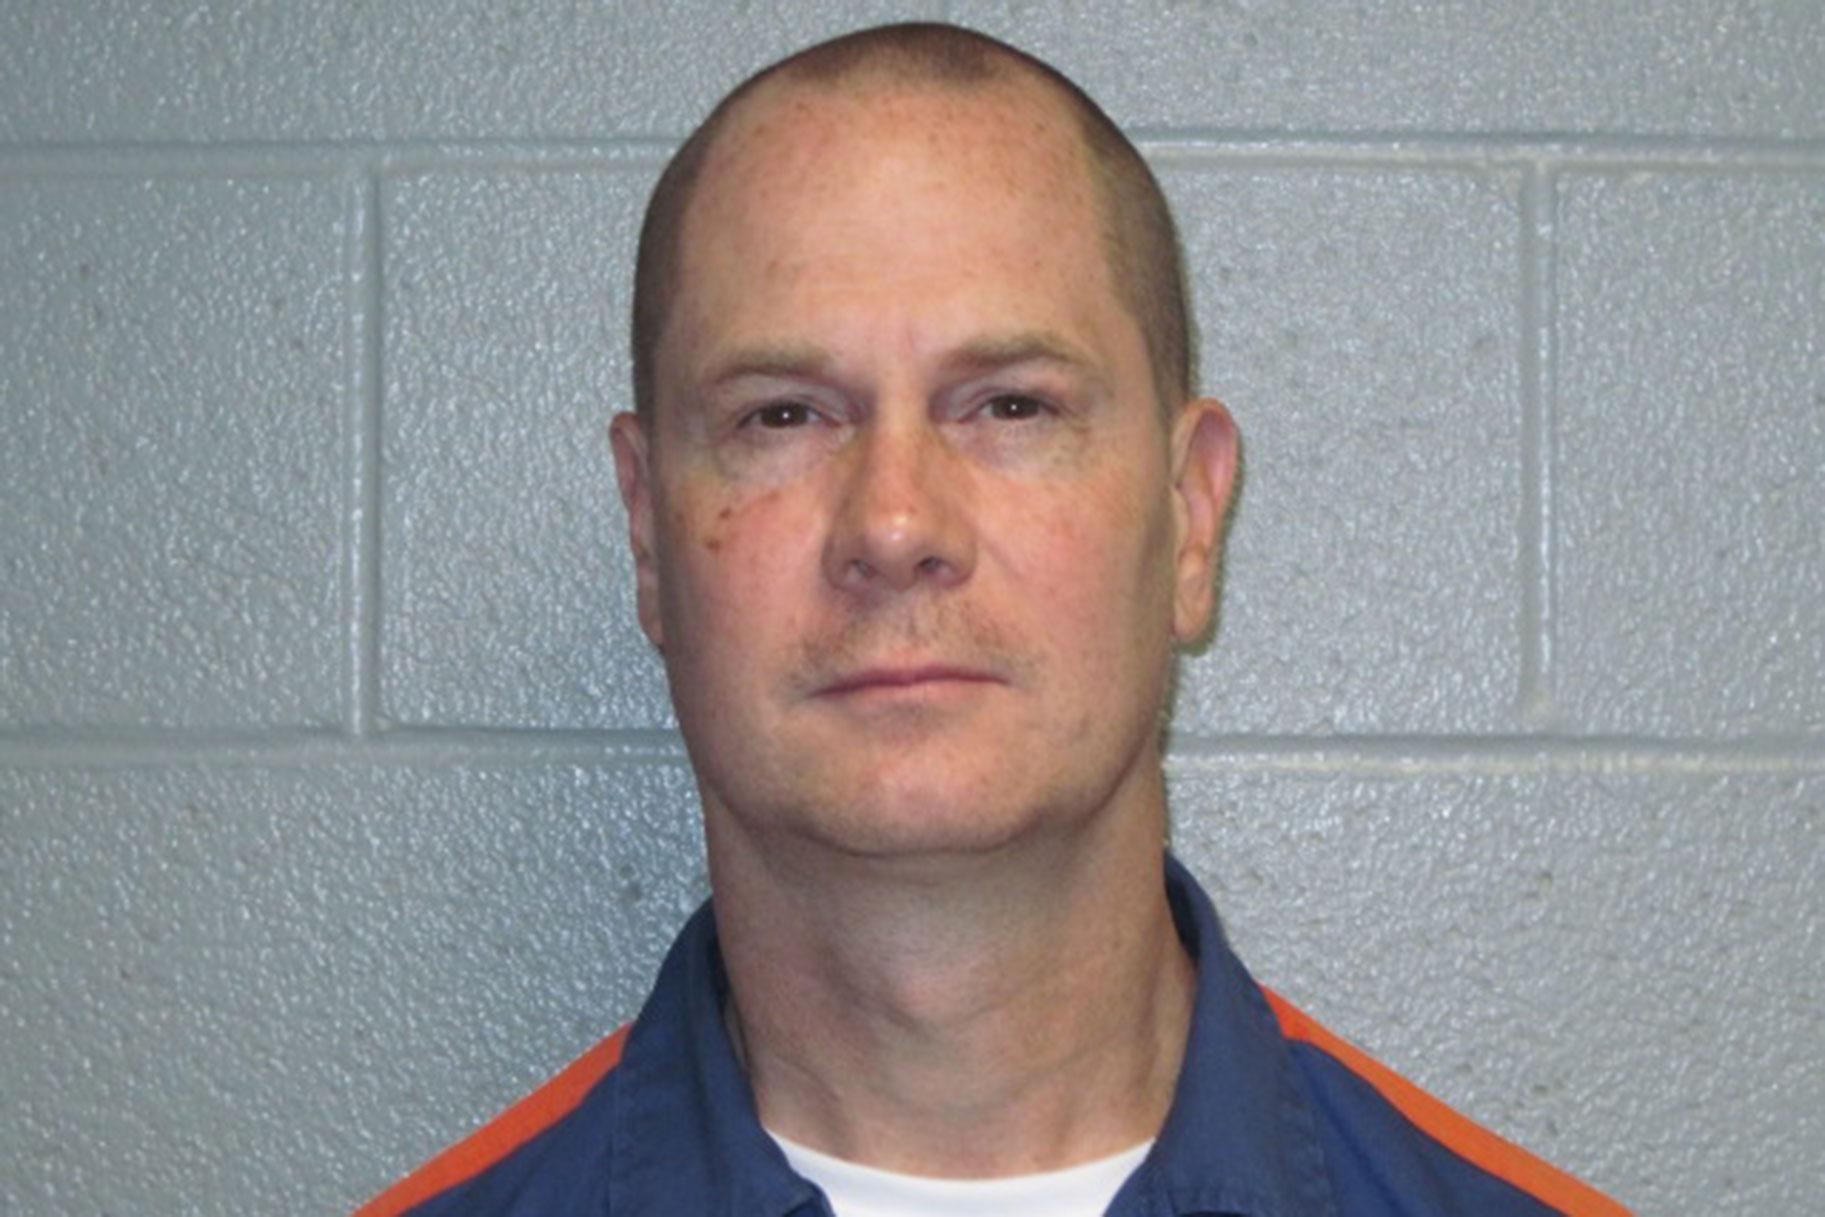 Informante adolescente del FBI 'White Boy Rick' liberado de prisión después de 32 años